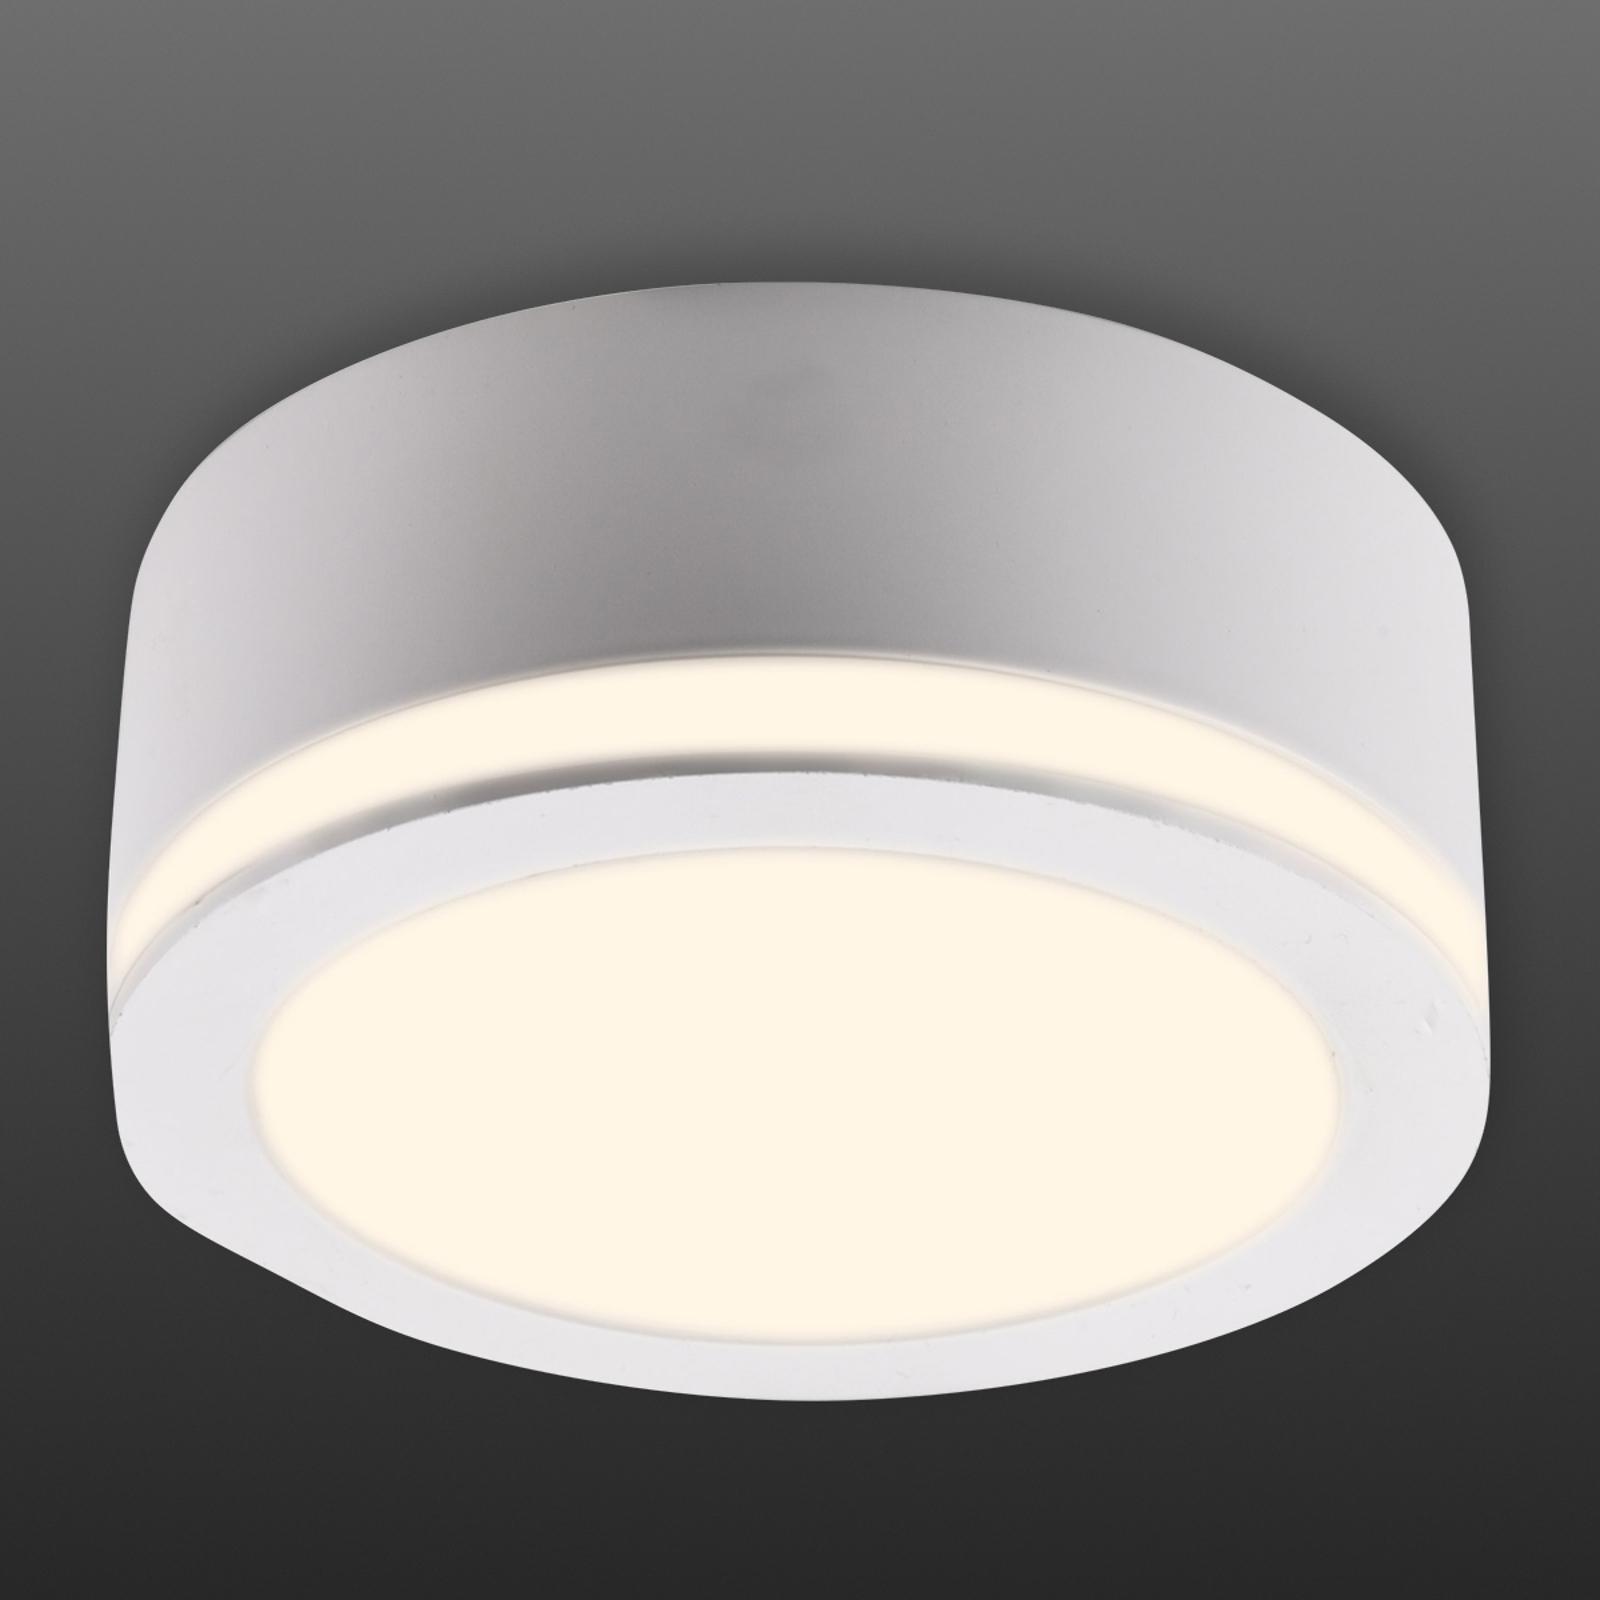 Biala - okrągły reflektor natynkowy LED, Ø 10cm